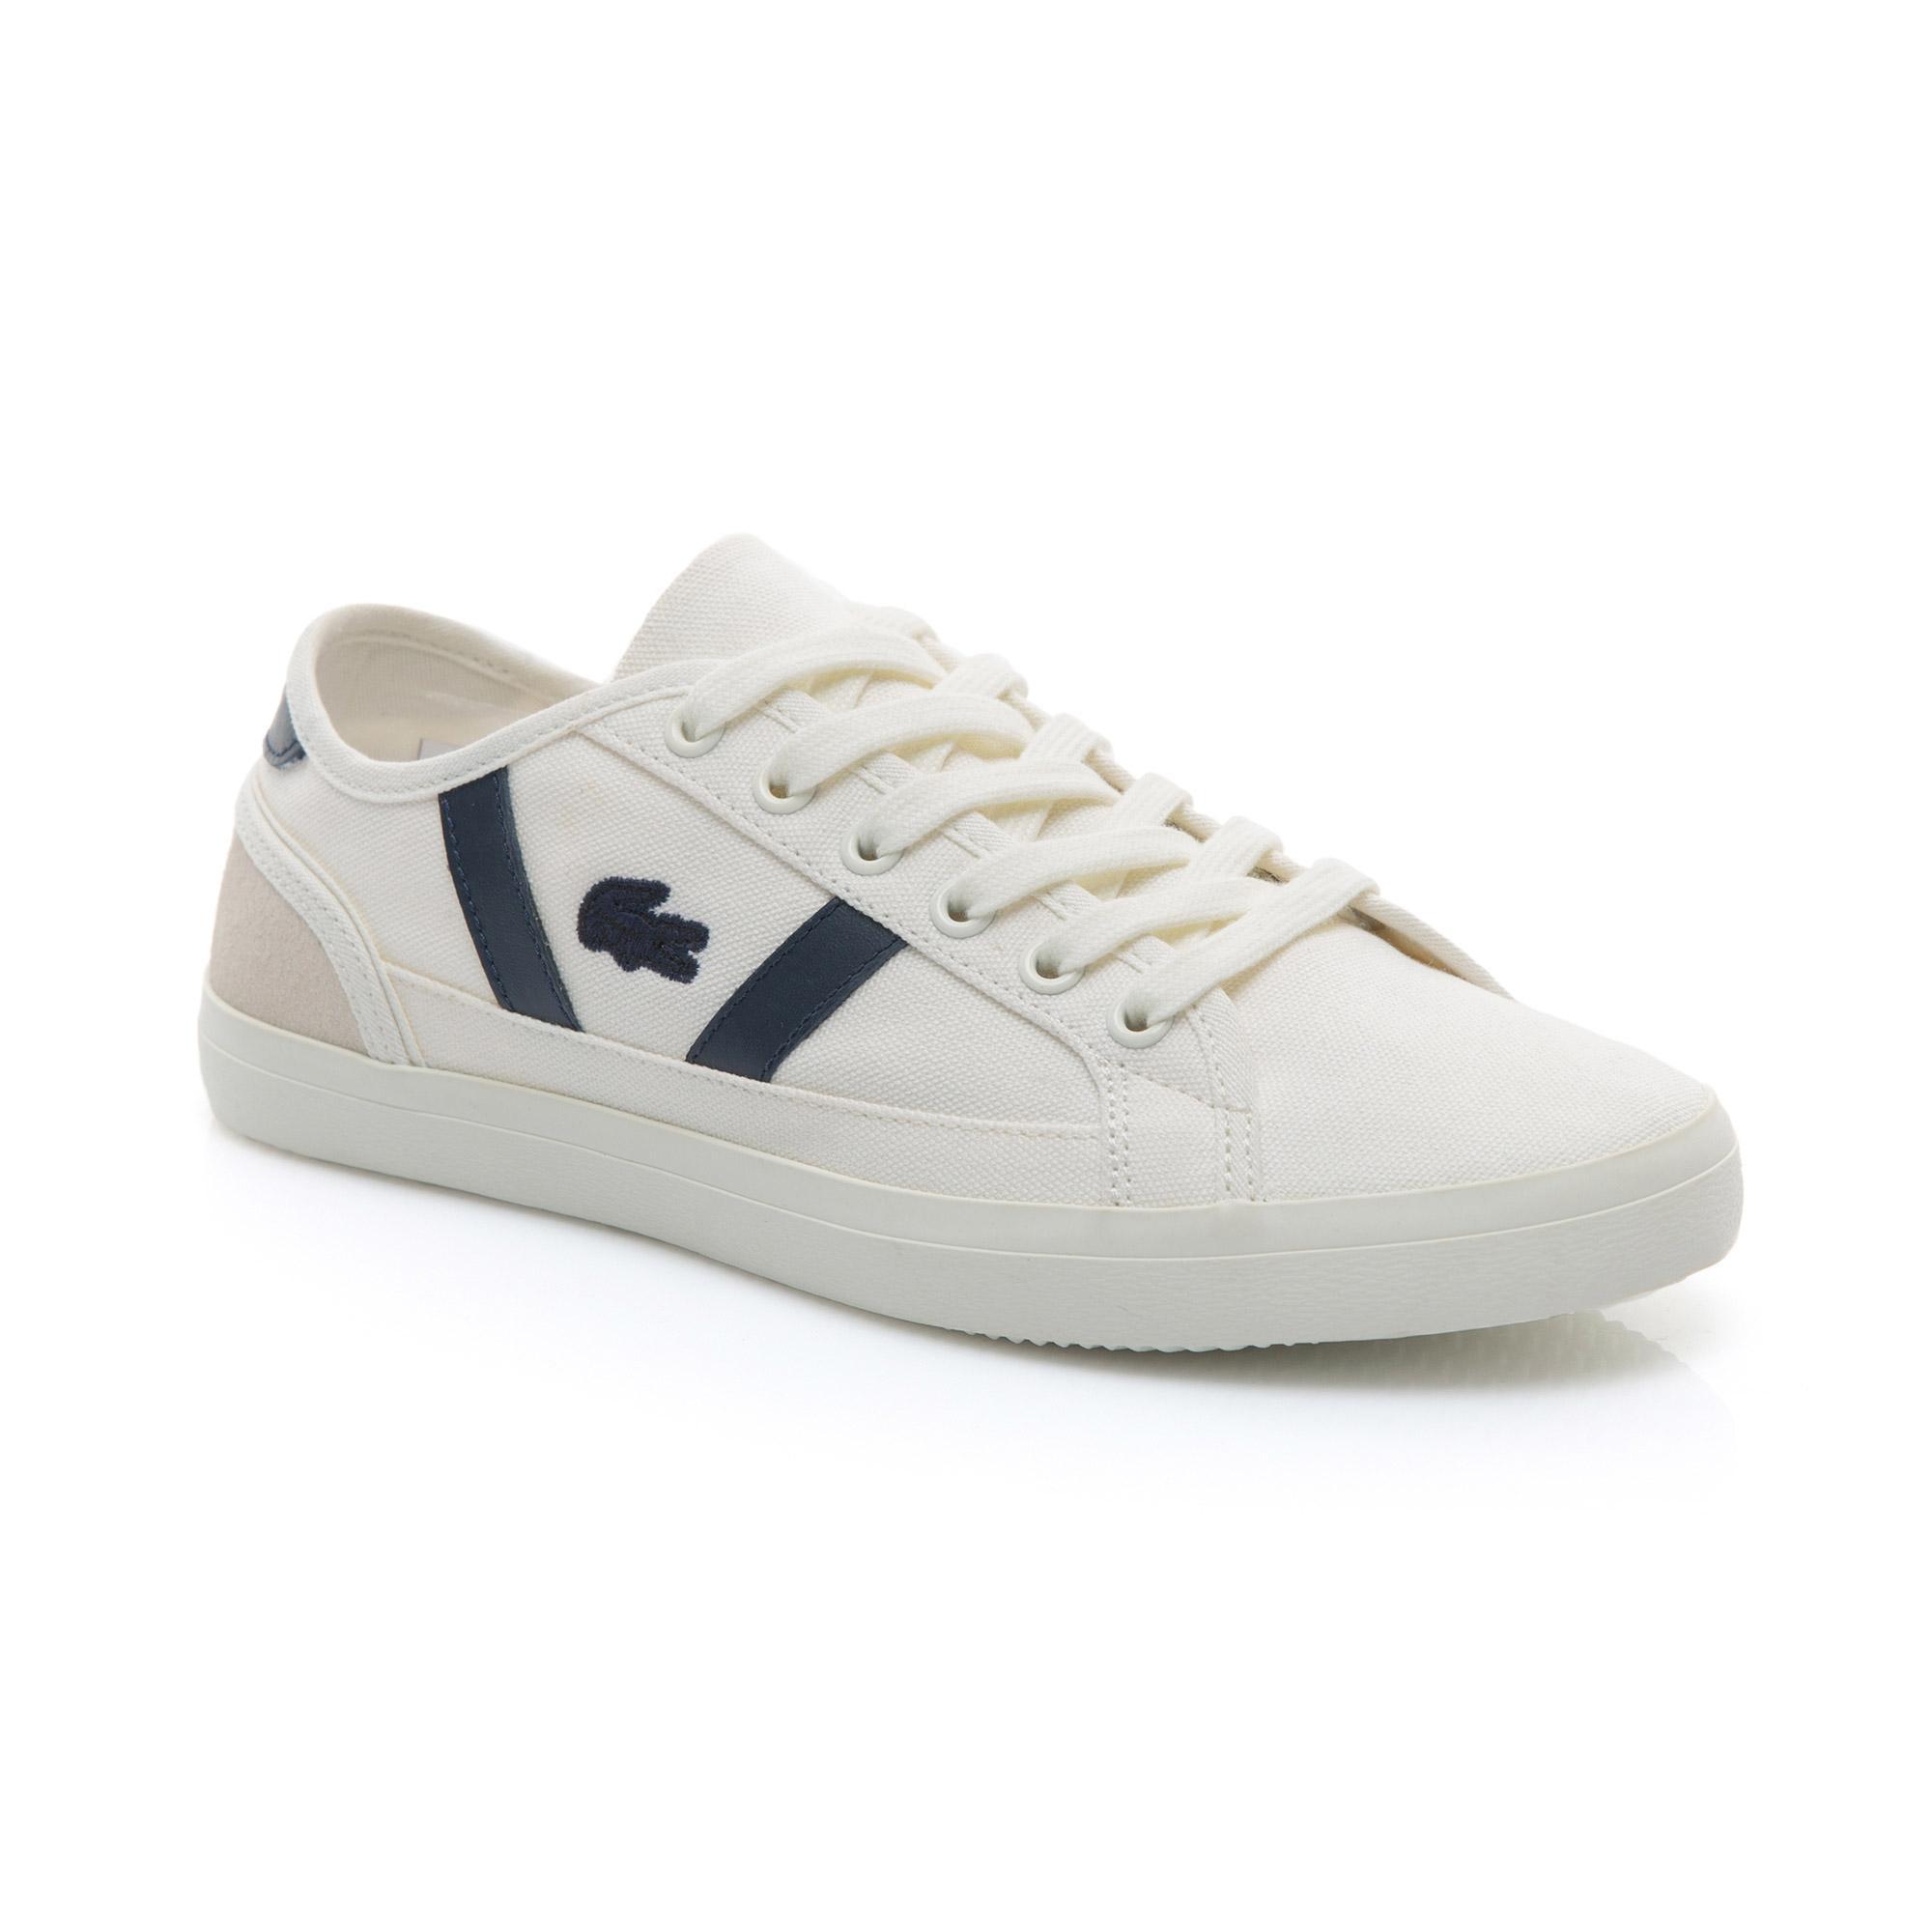 Lacoste Sideline 119 1 Damskie Sneakersy